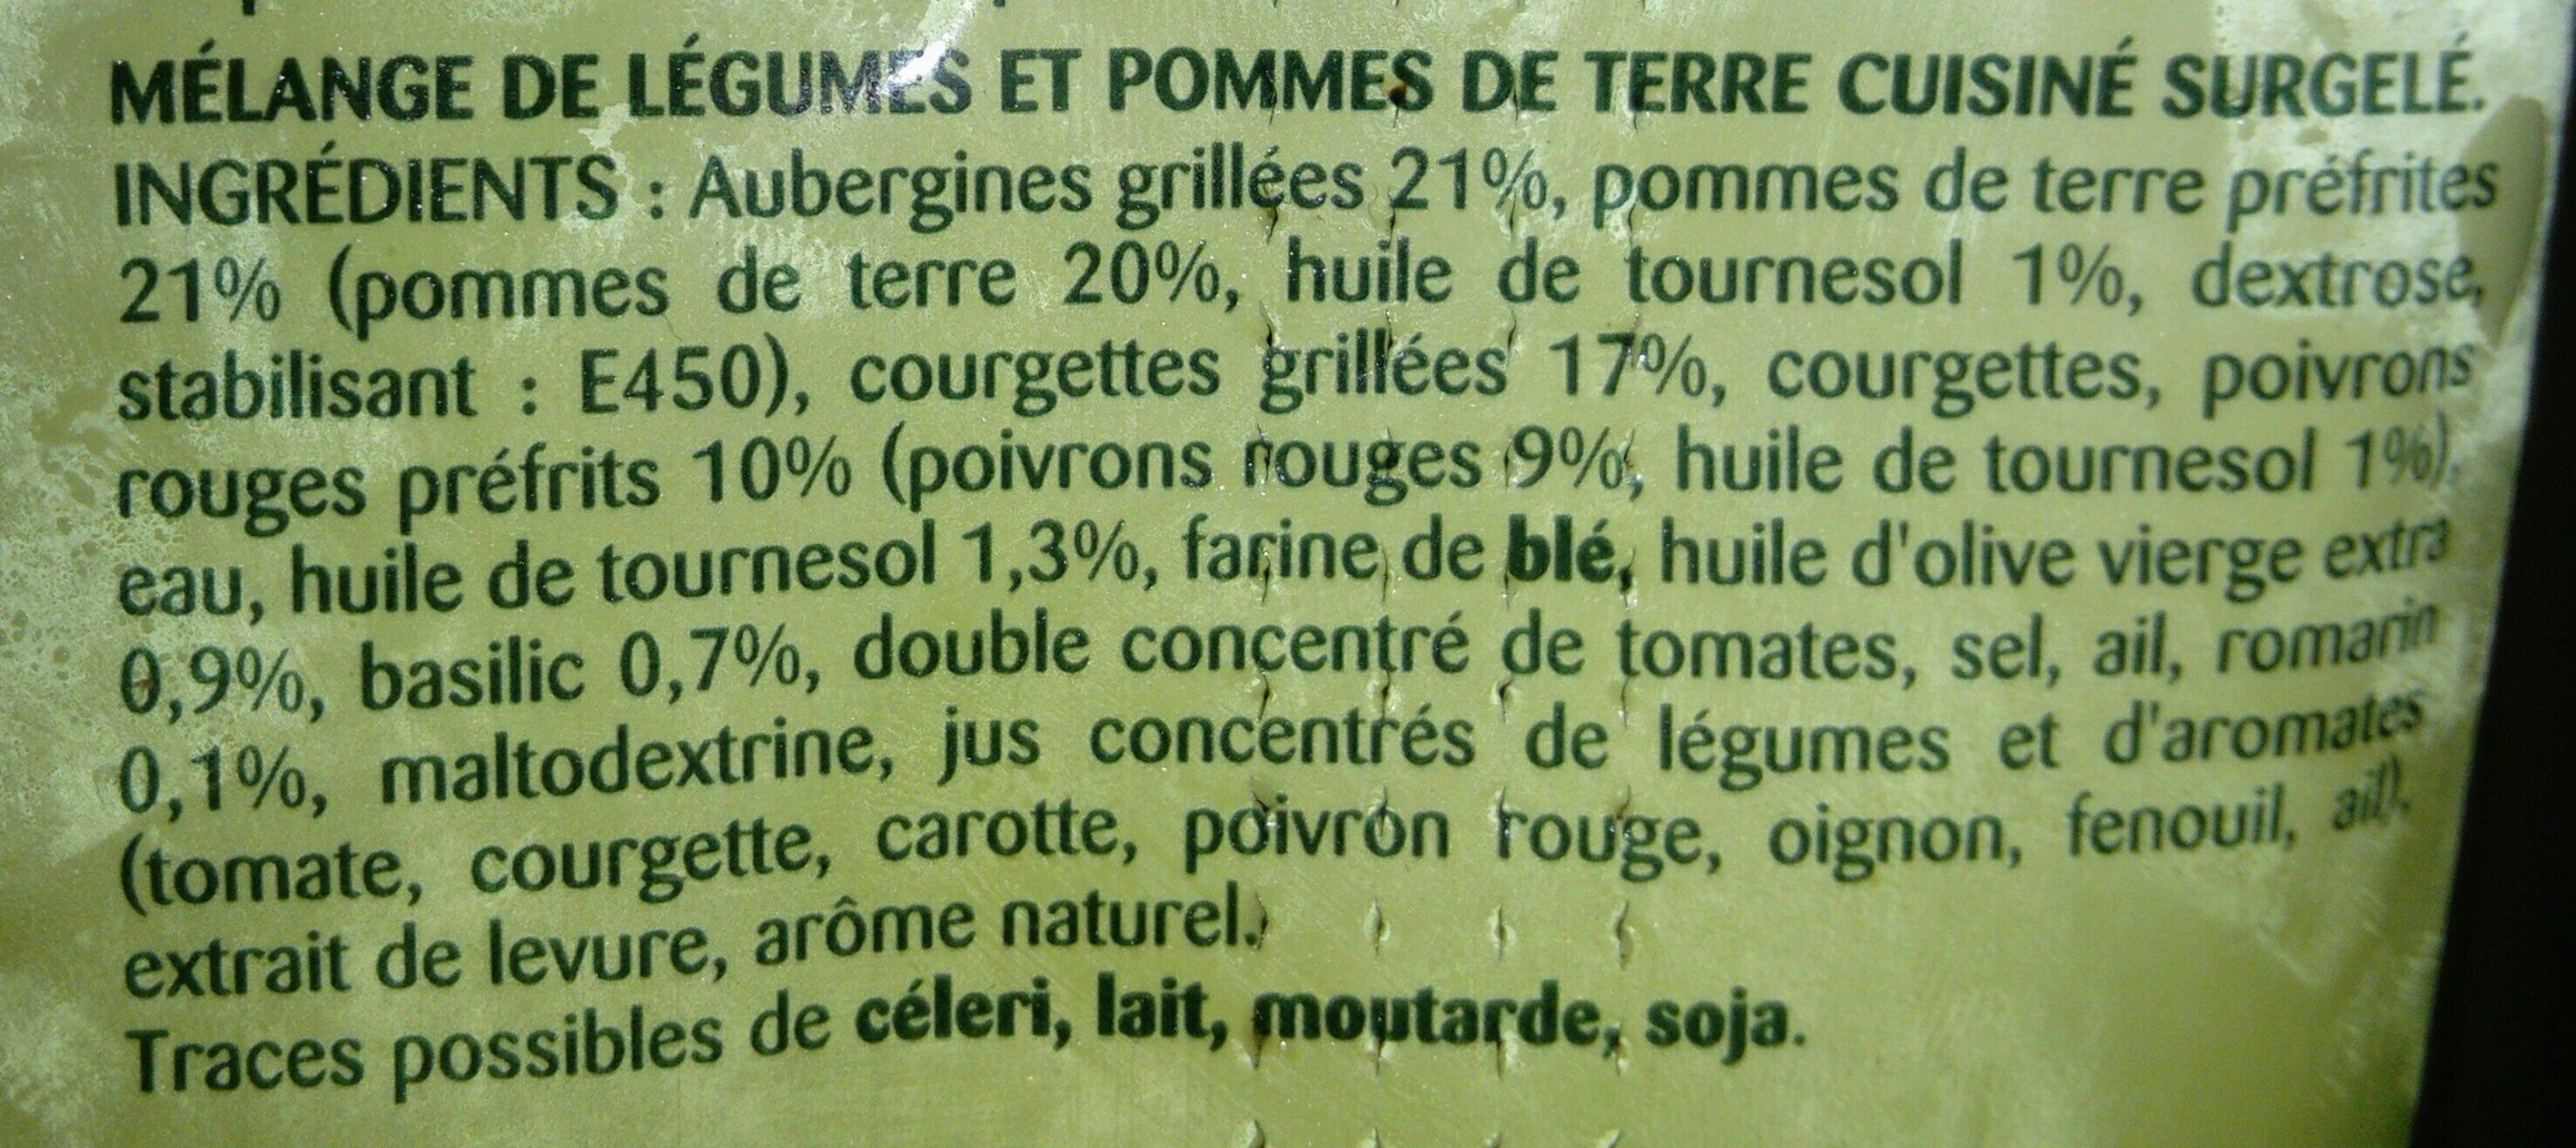 Poelée Méditérranéenne - Ingrediënten - fr